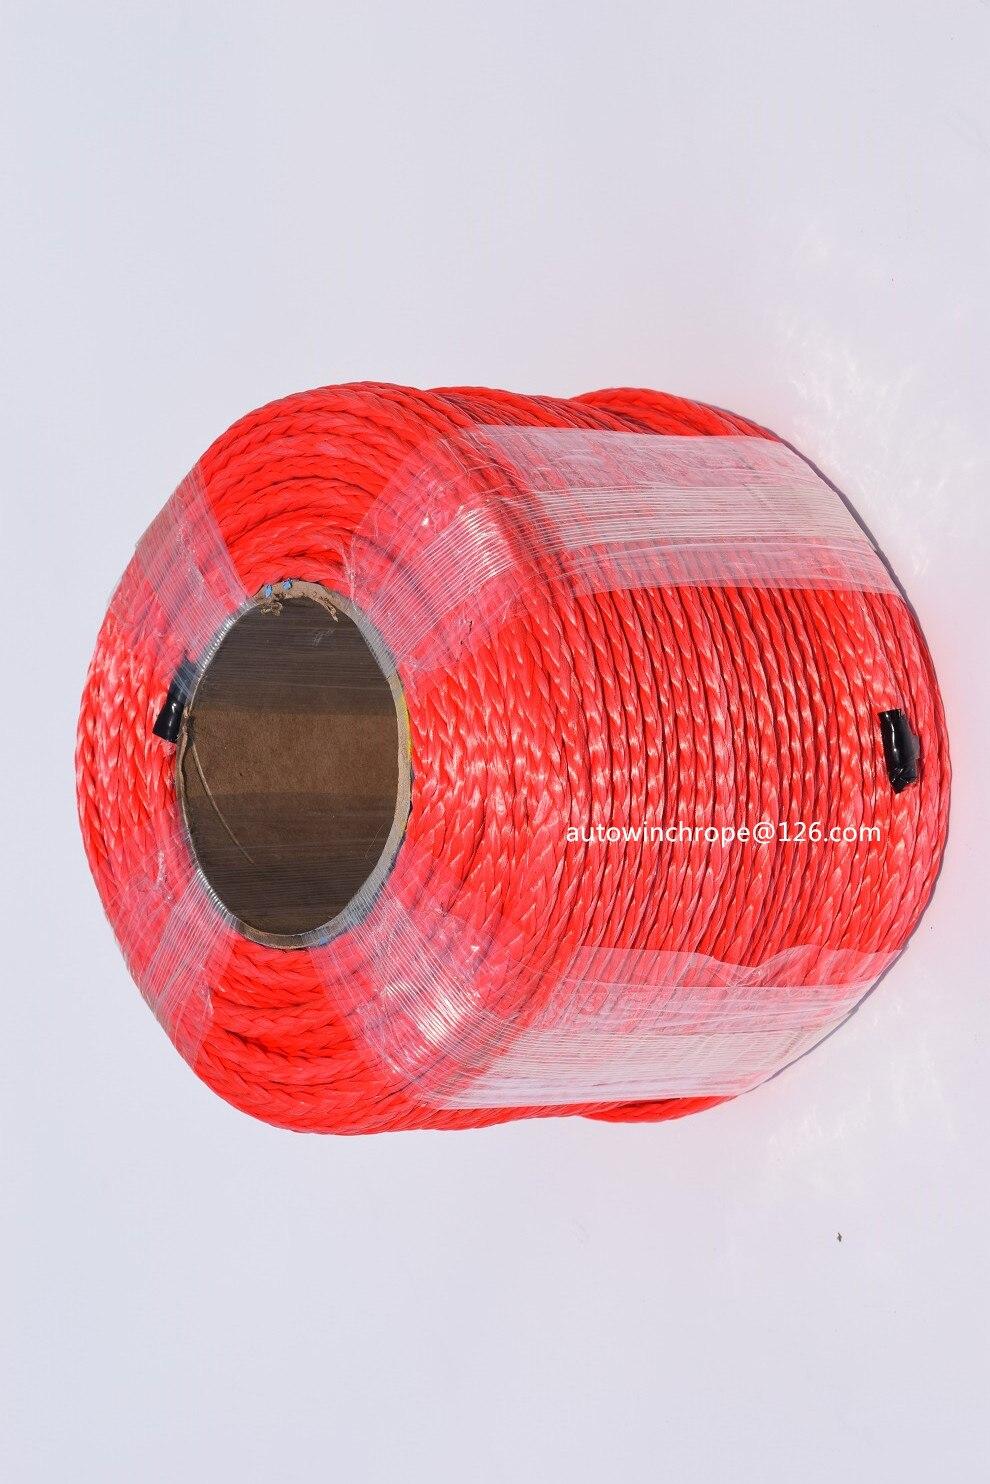 Haute Qualité Rouge 6mm * 100 m 12 Strand Synthétique Corde, ATV Treuil Câble, 12 Plait Plasma corde, Corde de Remorquage, Bateau Treuil Corde